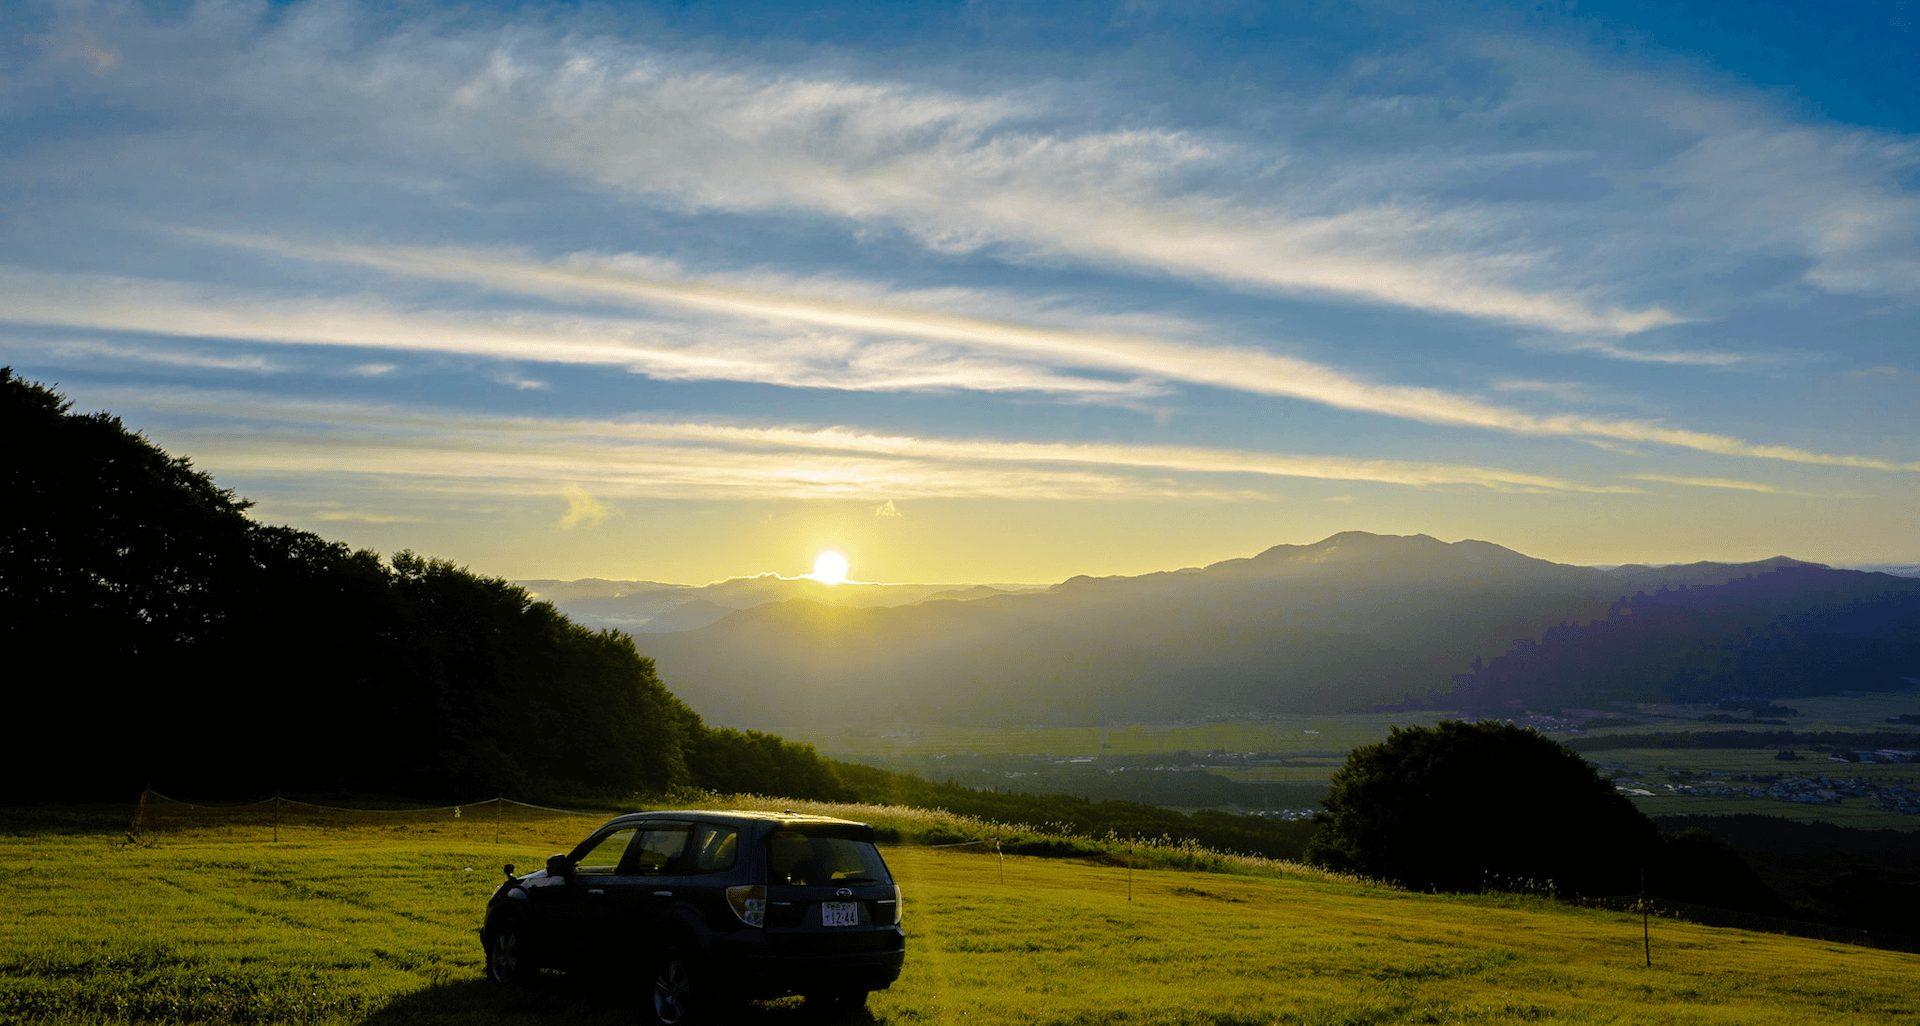 まさに天空の車中泊!磐梯高原・絶景の猪苗代スキー場RVパークには3つのエリア